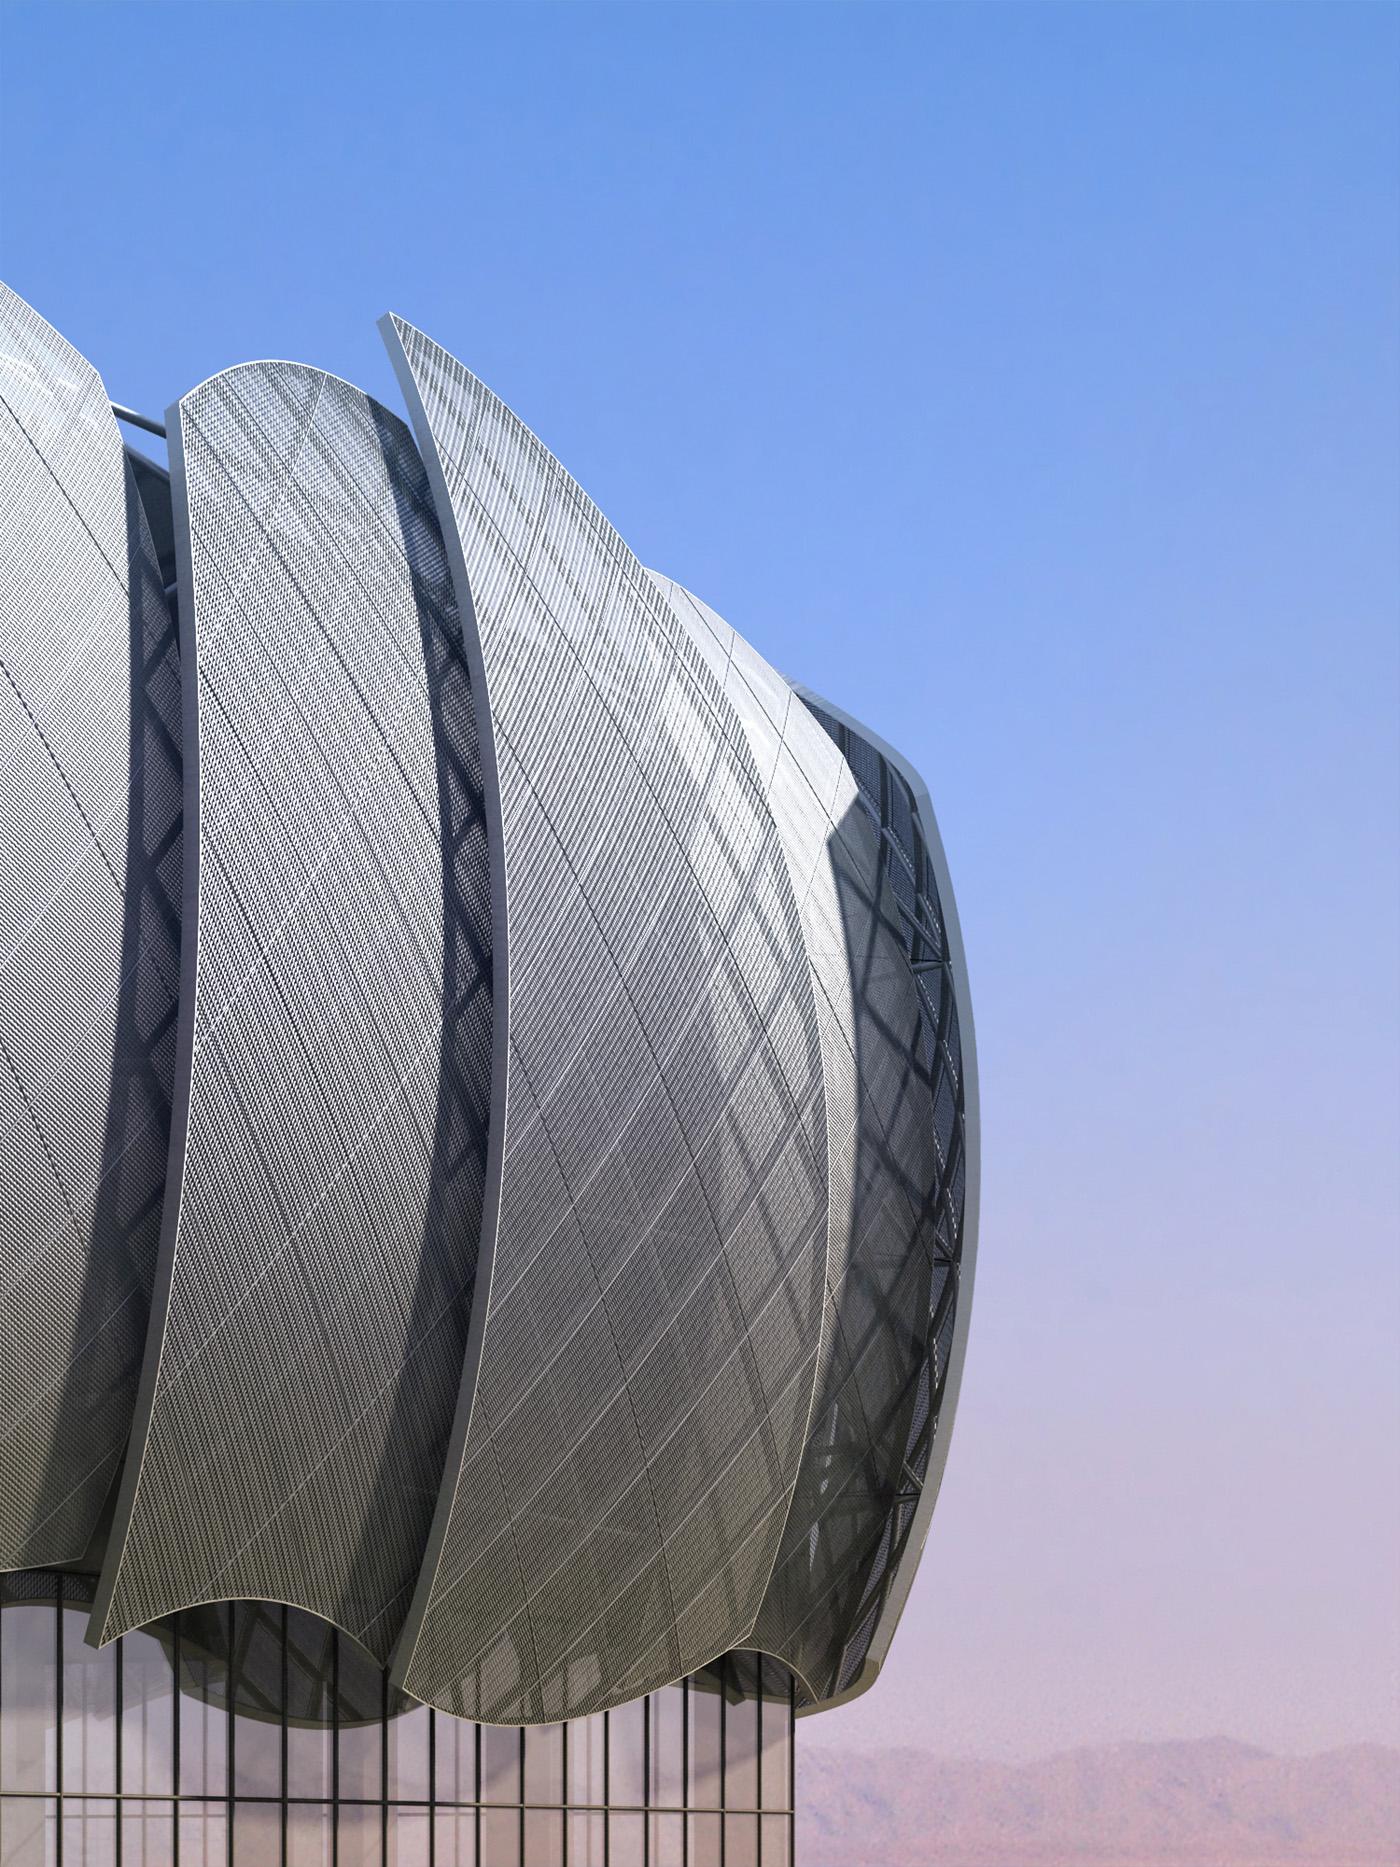 Il nuovo centro sportivo della Sohar University, in Oman, con le sue iconiche vele | project management | by Bottega di Architettura